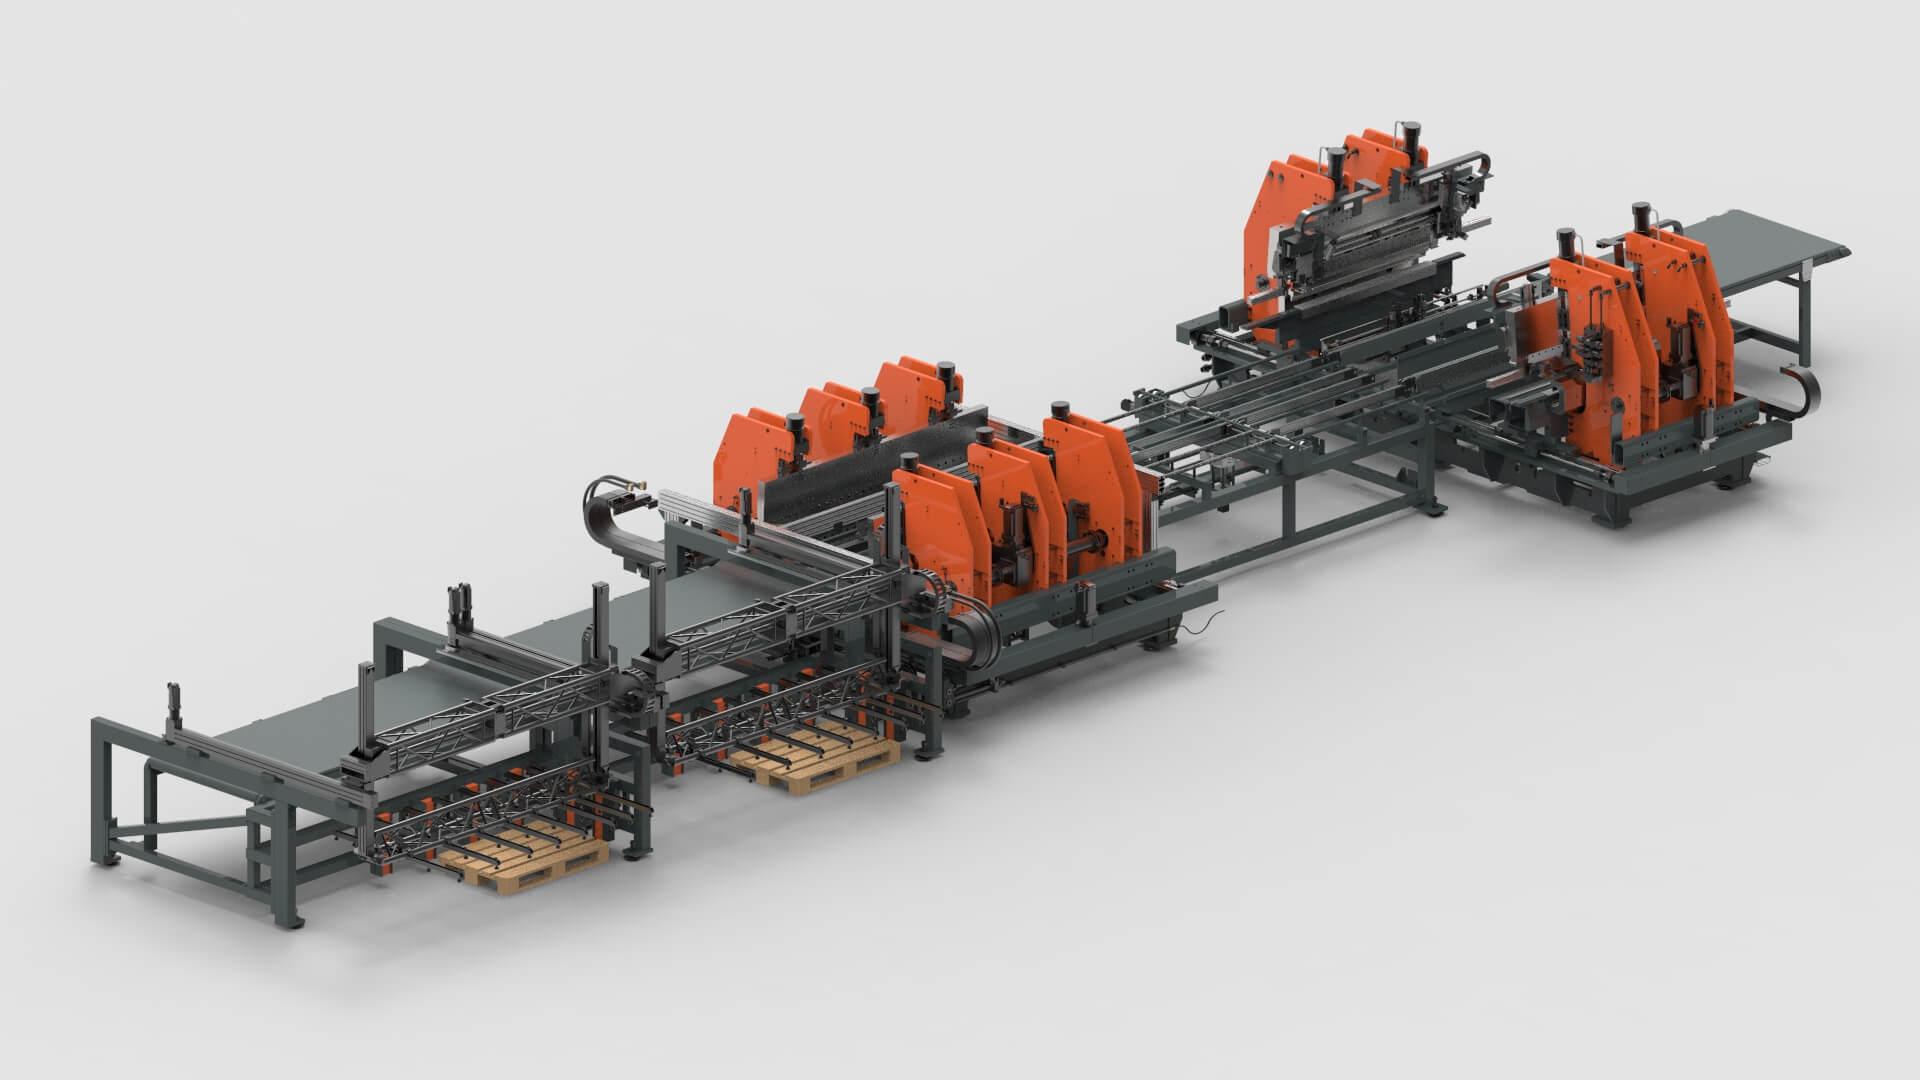 wemo-stalen-deuren-plaatbewerking-4-zijdig-buigen-productielijn